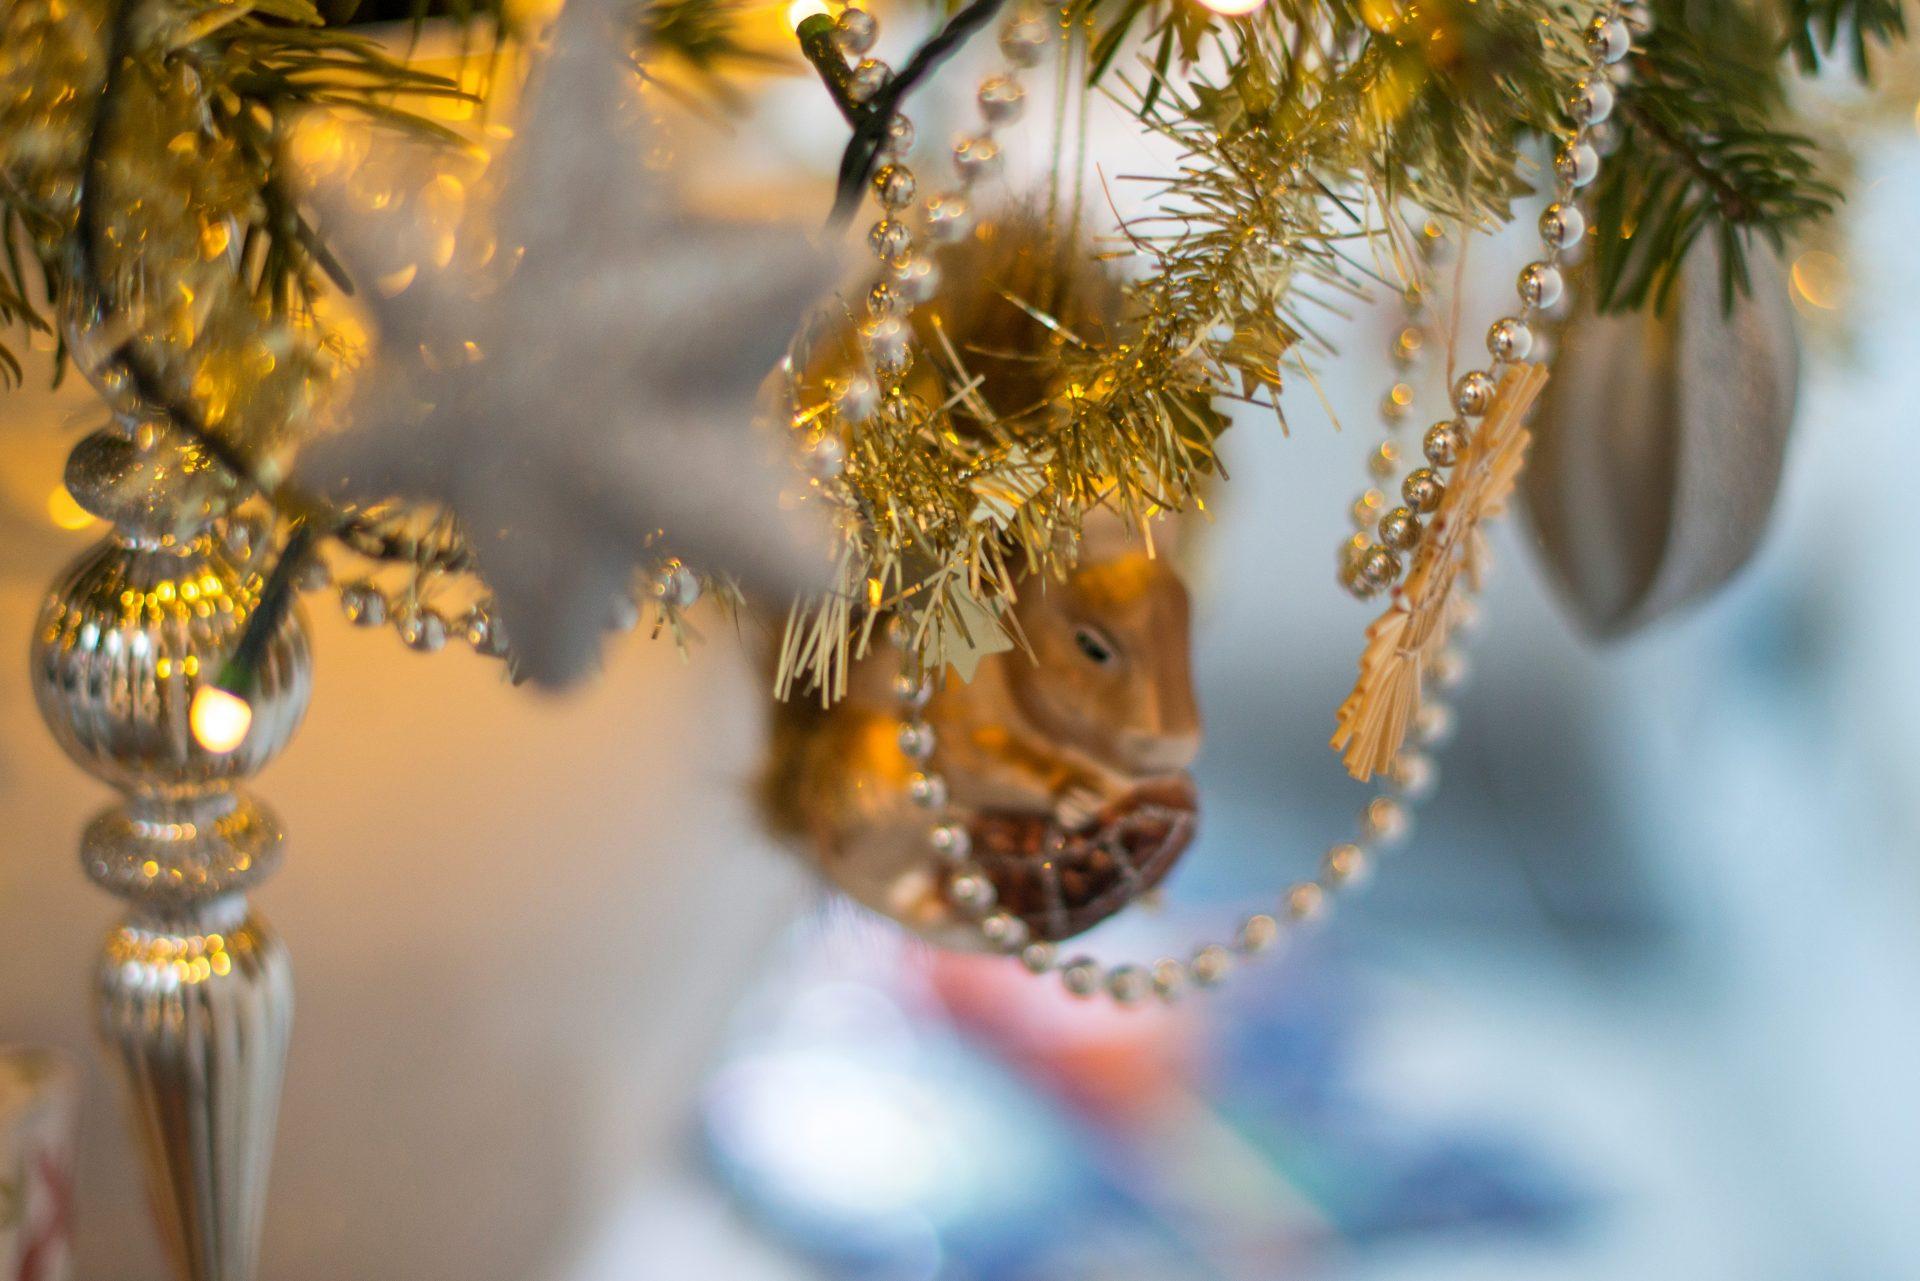 Die Mär vom lebenden Christbaum